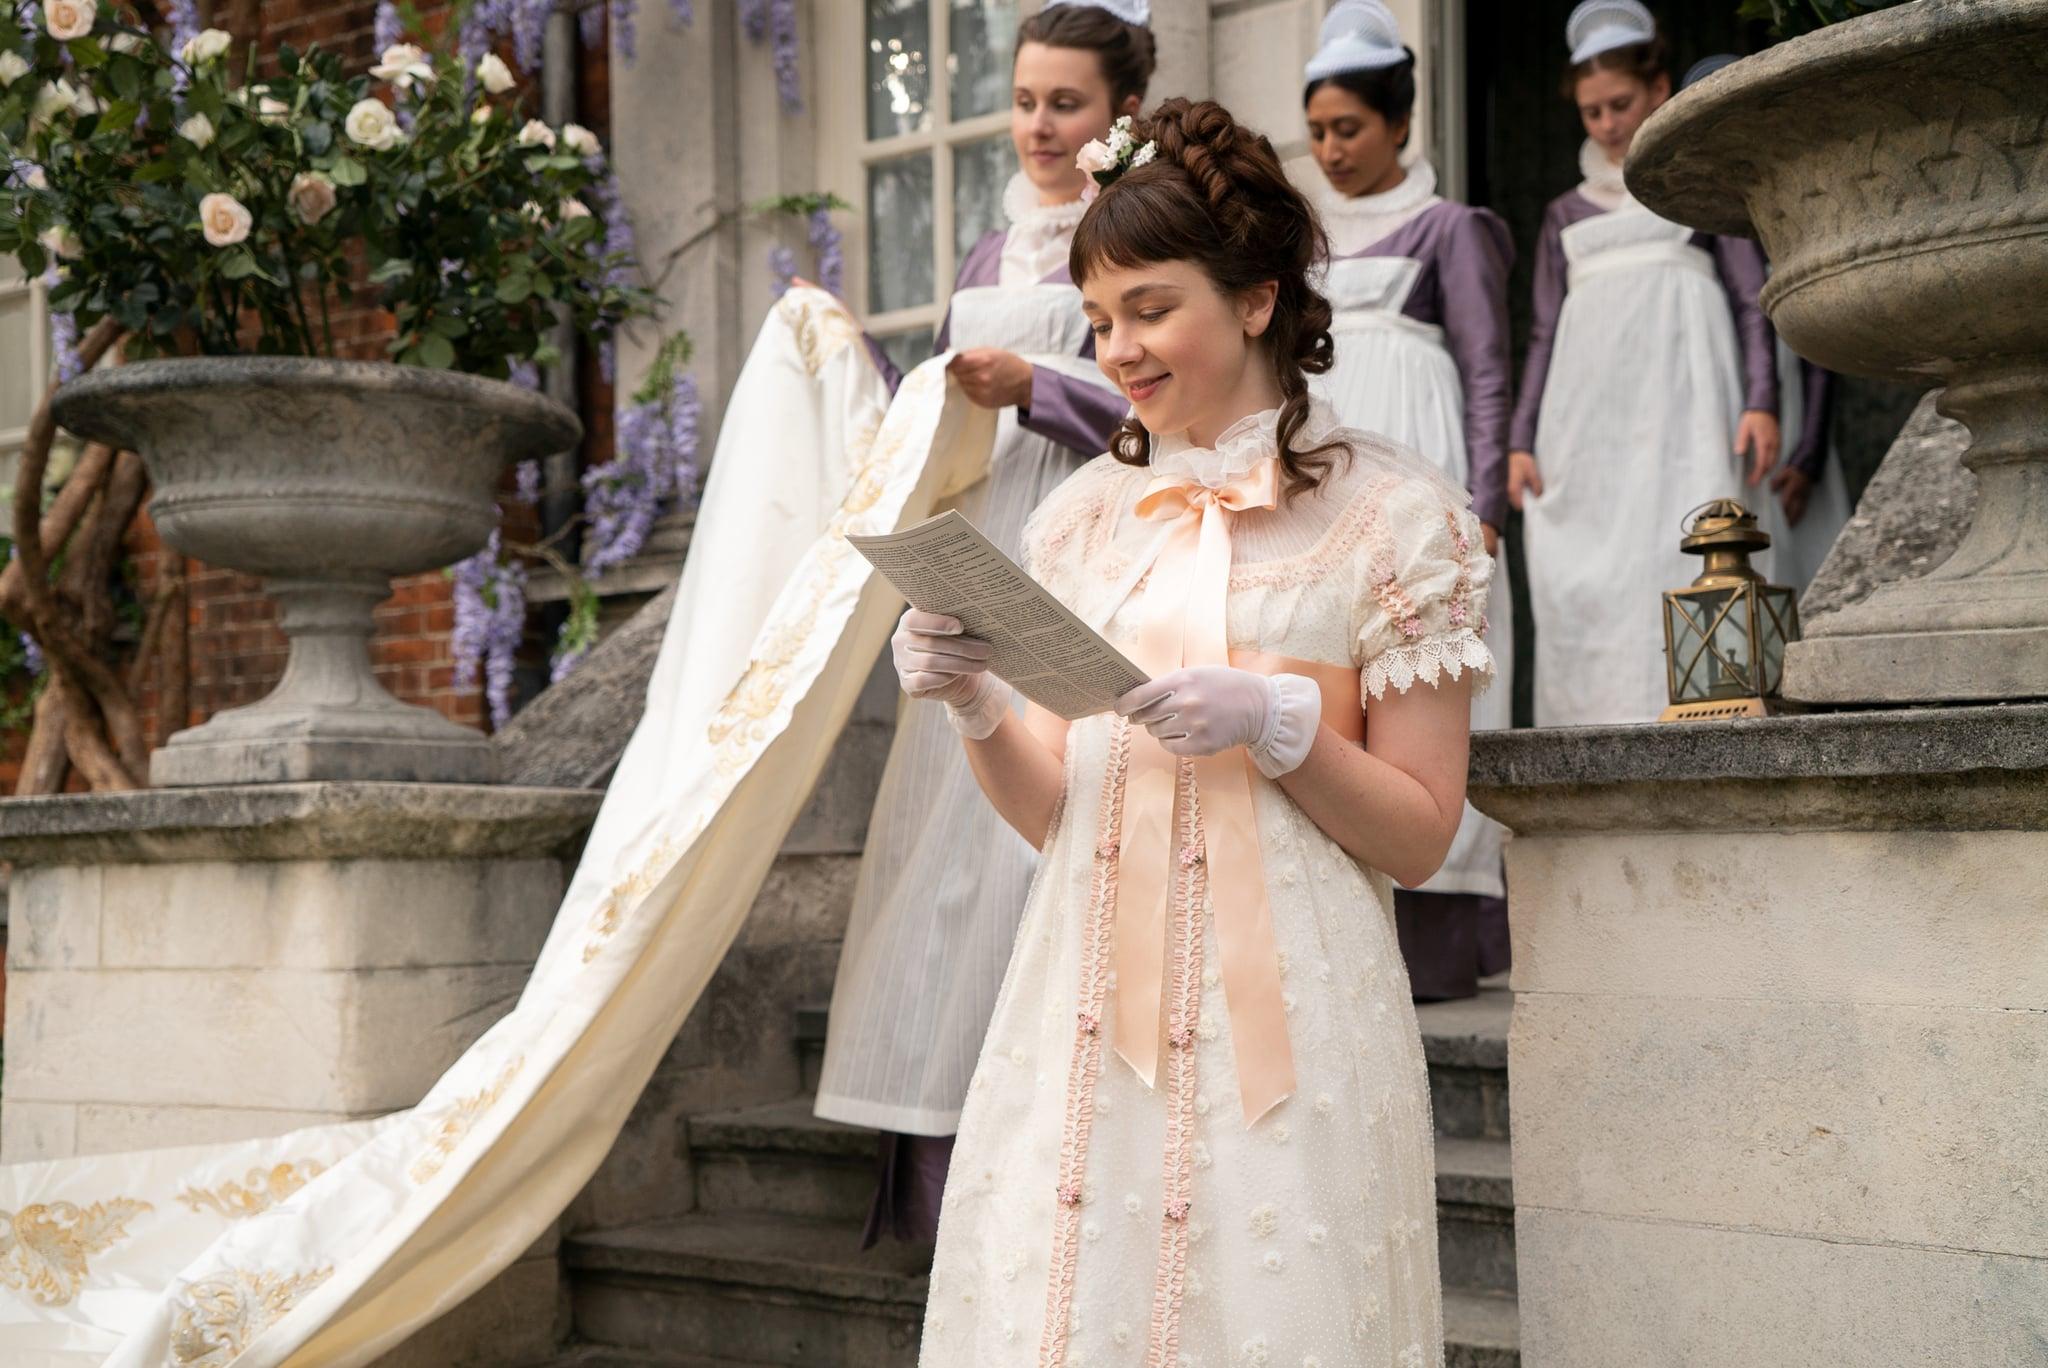 BRIDGERTON CLAUDIA JESSIE as ELOISE BRIDGERTON in episode 101 of BRIDGERTON Cr. LIAM DANIEL/NETFLIX  2020